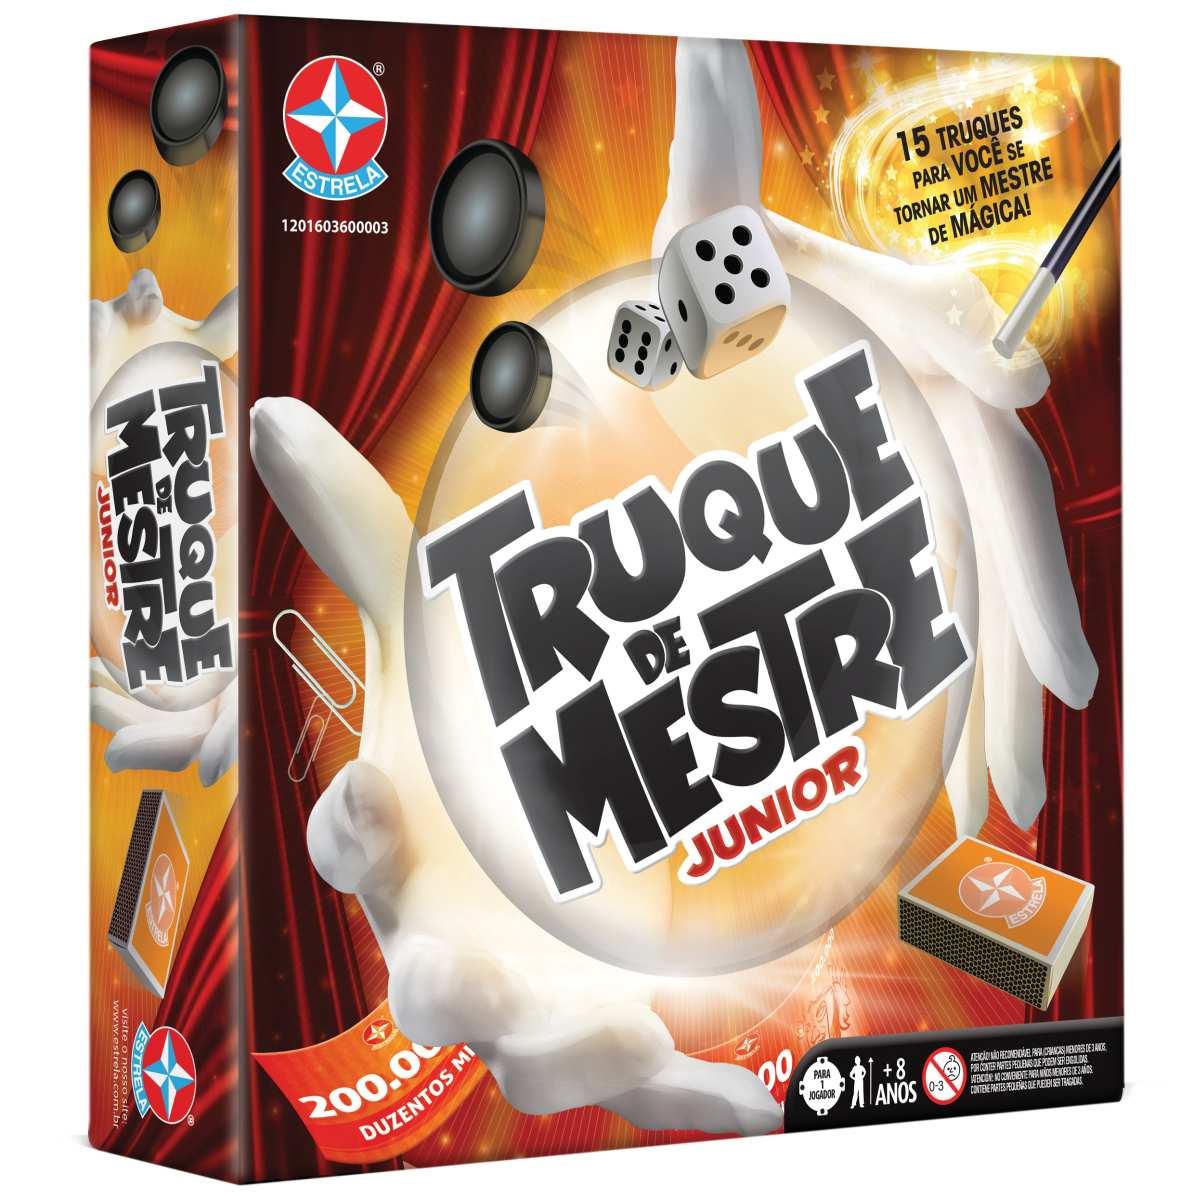 Jogo Truque de Mestre Jr - Estrela